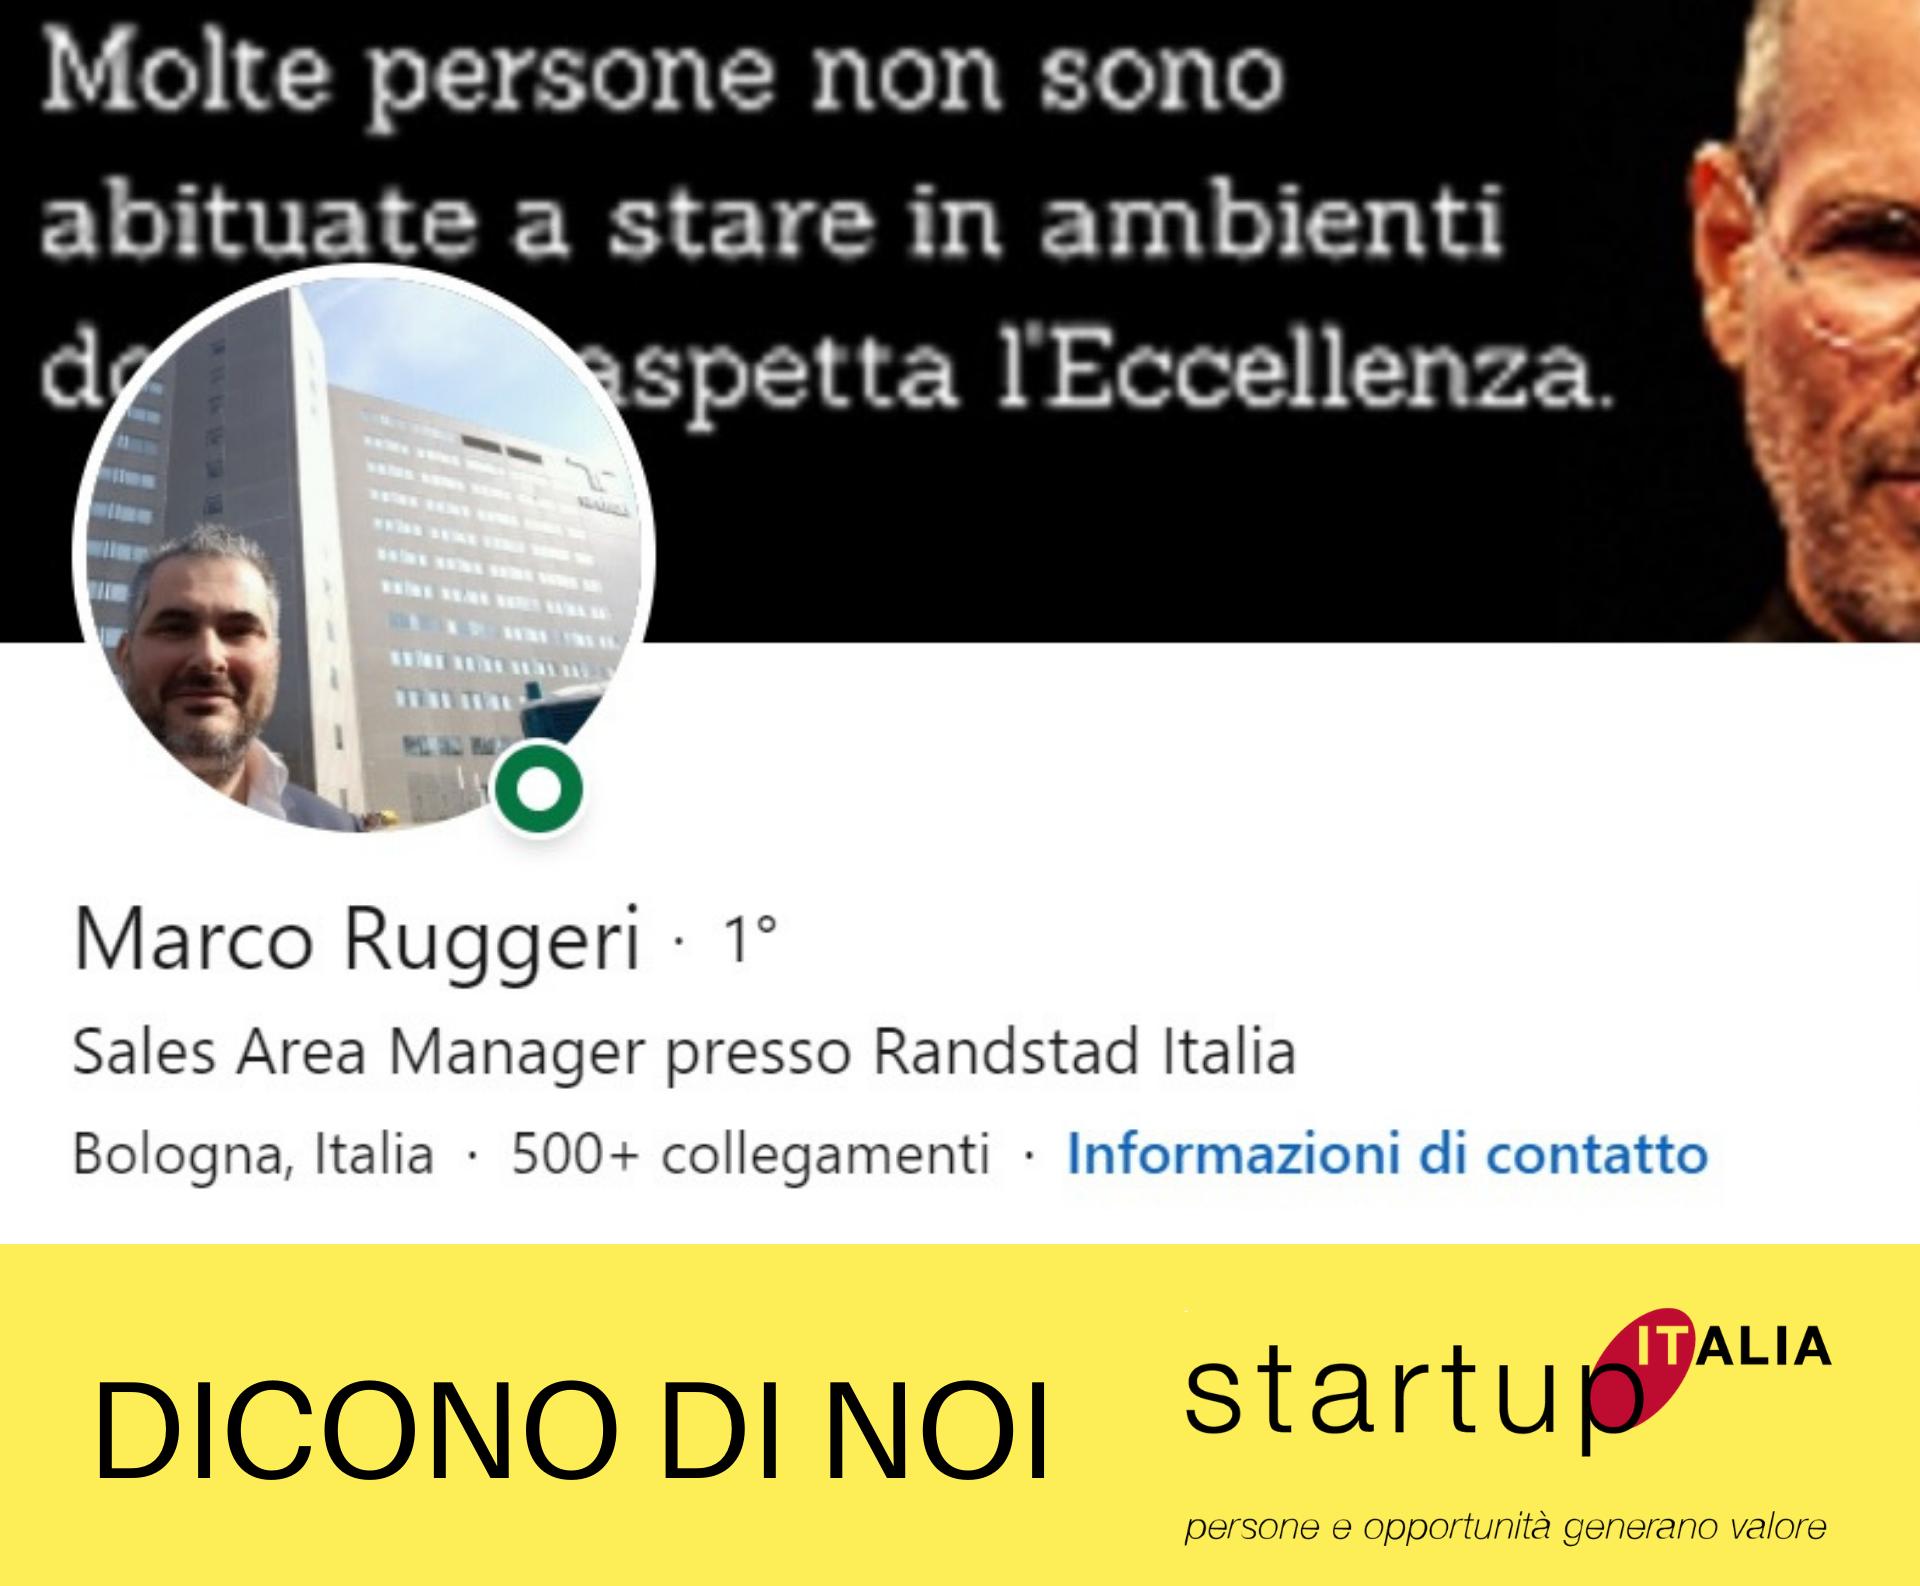 referenze Startup Italia - Marco Ruggeri